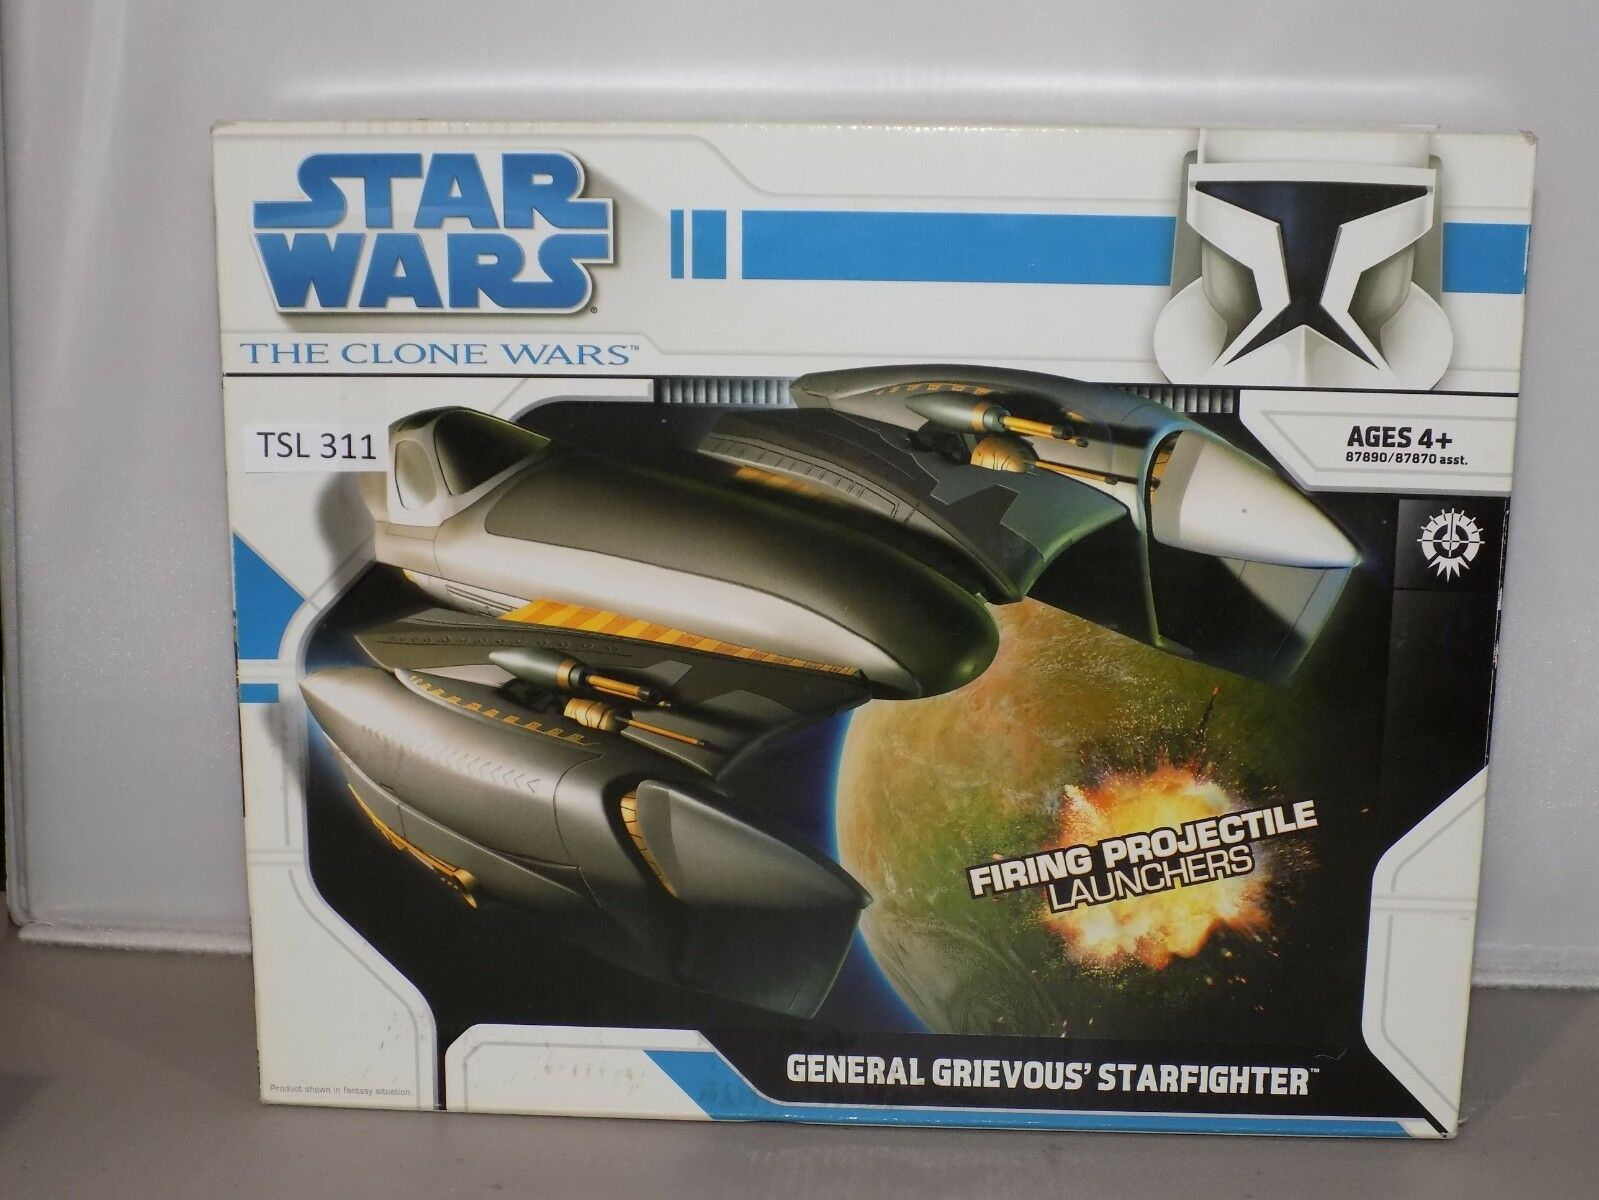 Star Wars 3.75 Clone Wars GENERAL GRIEVOUS' STARFIGHTER NIB (TSL 311)